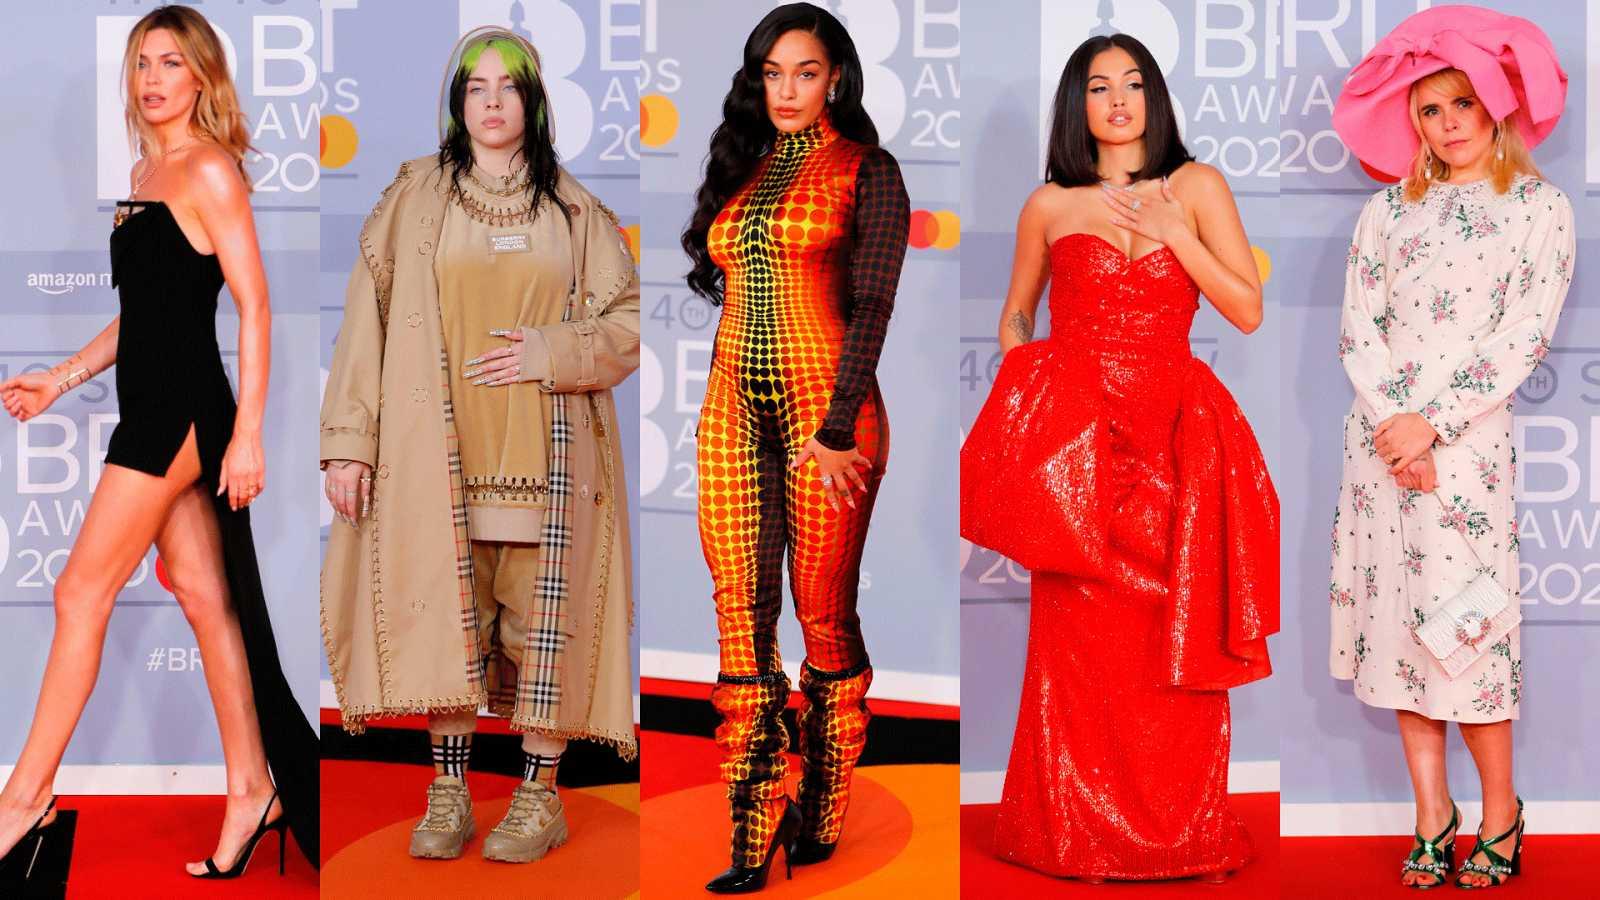 La alfombra roja de los Brit Awards 2020: Abbey Clancy,  Billie Eilish, Jorja Smith, Mabel, Paloma Faith